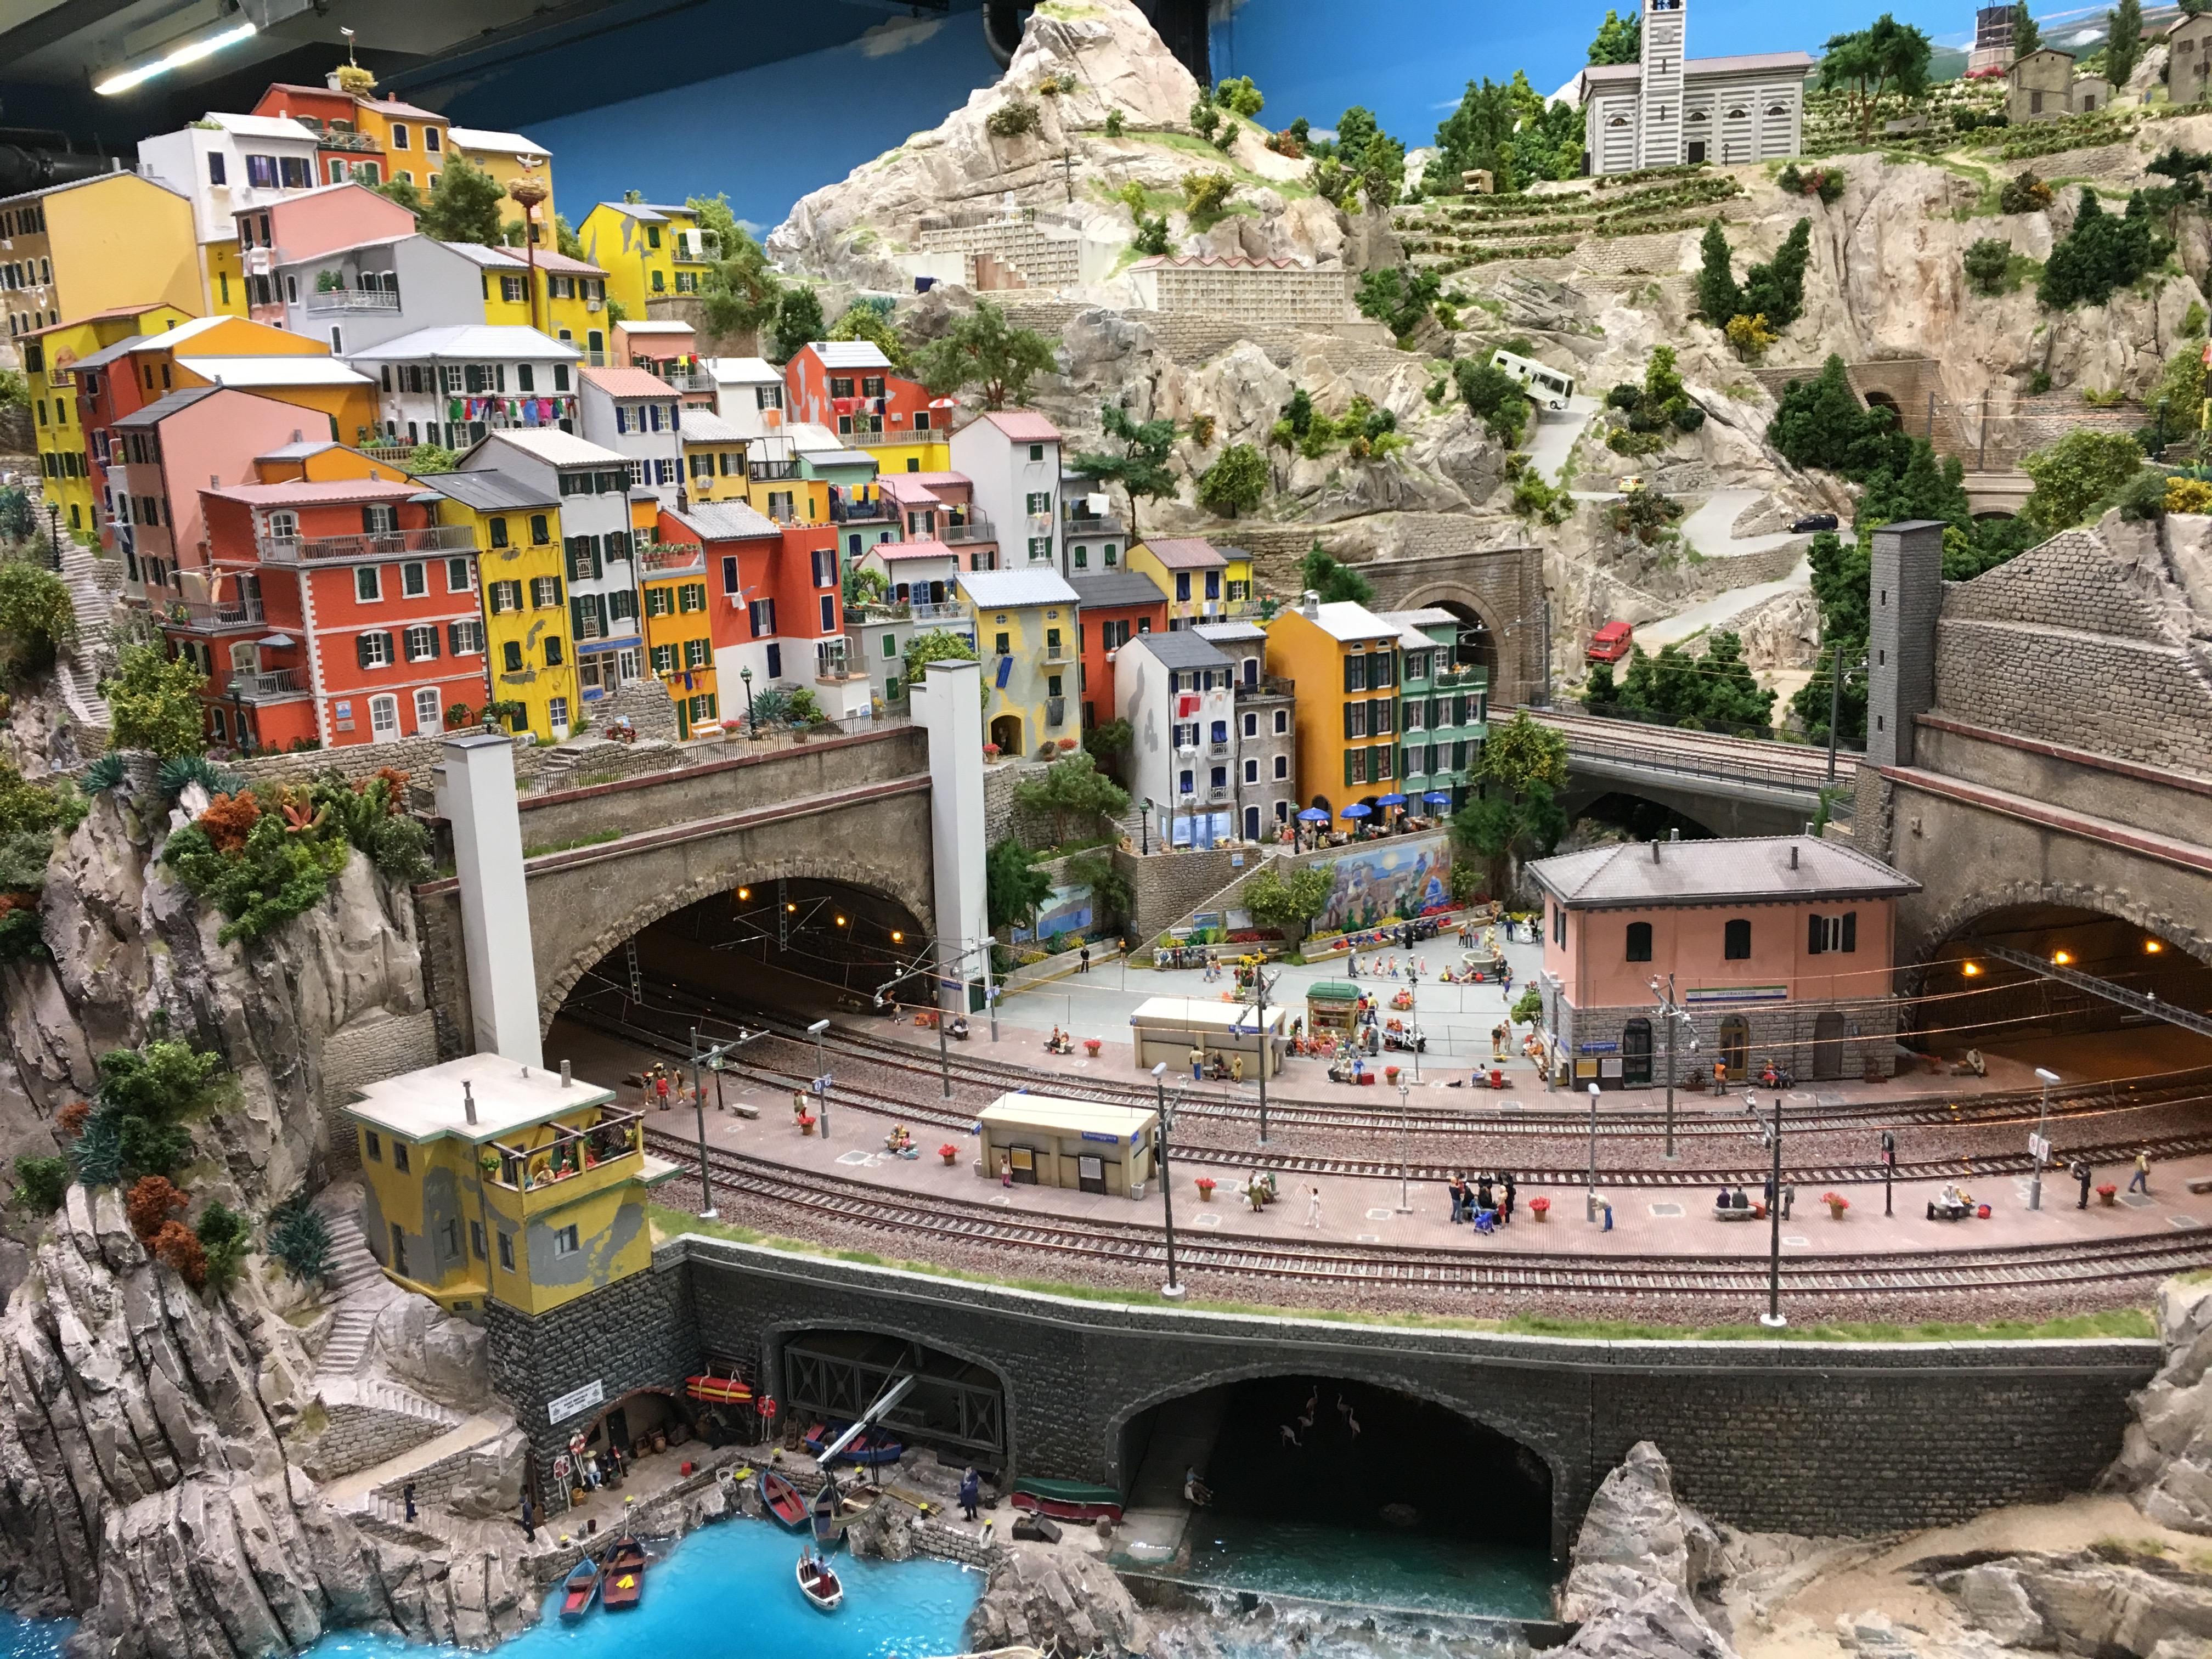 Miniatur Wunderland: Berge, Häuser, Schienen Italienabschnitt